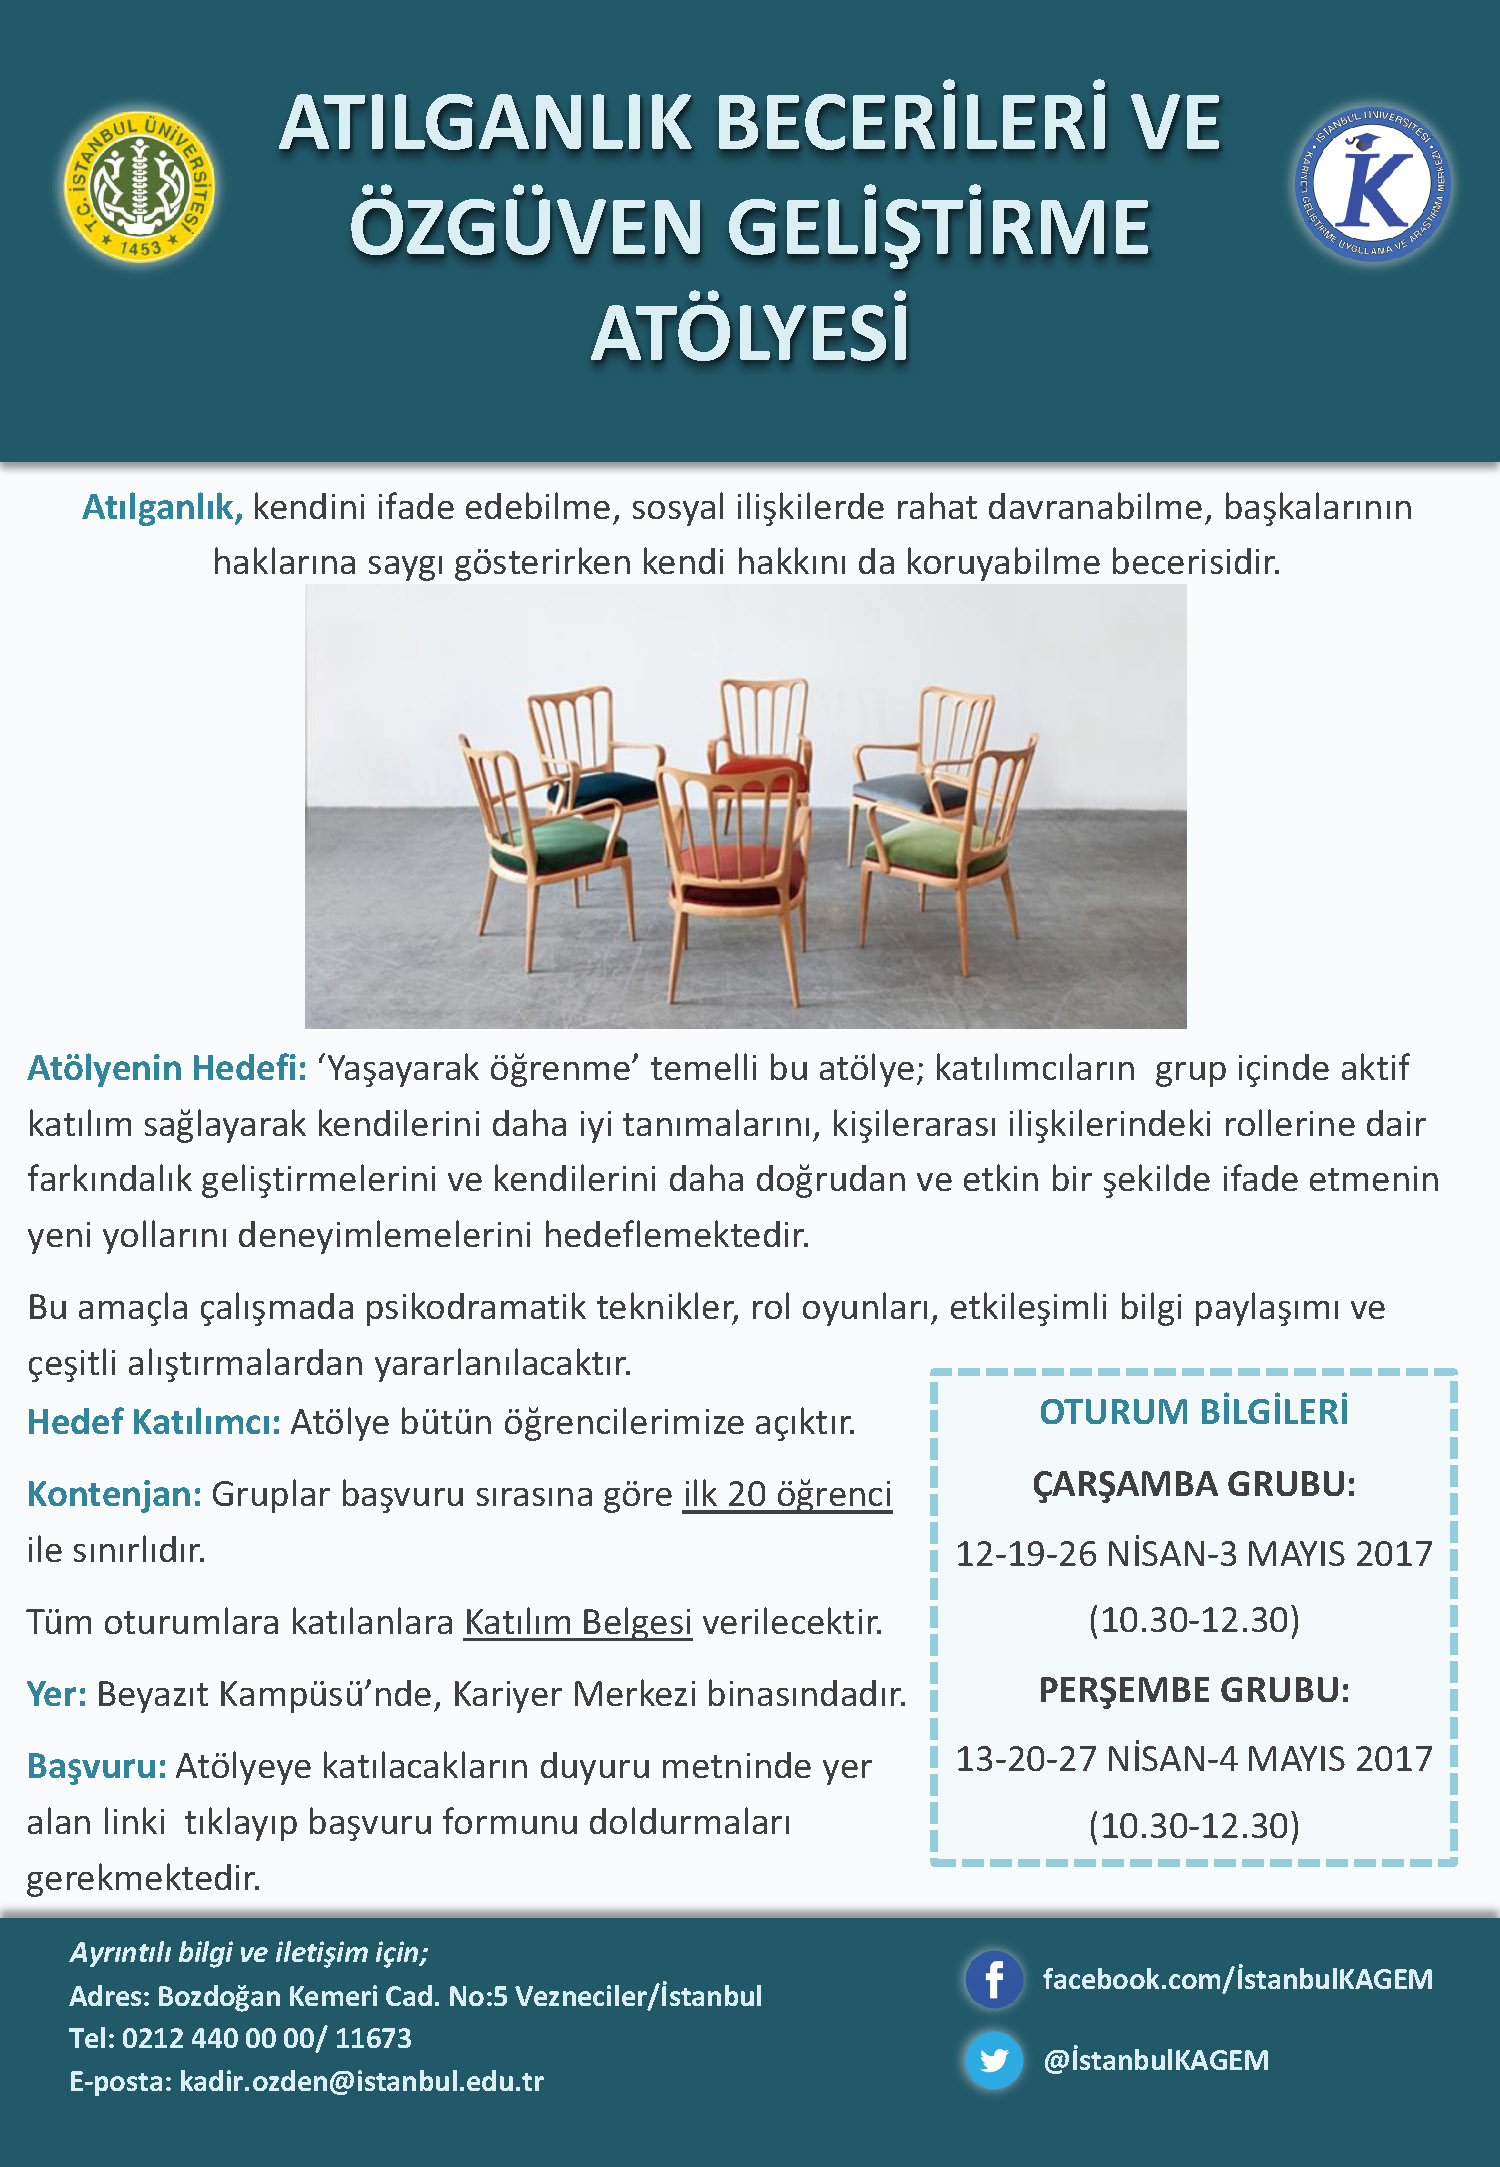 atilganlik-atolyesi-nisan-2017